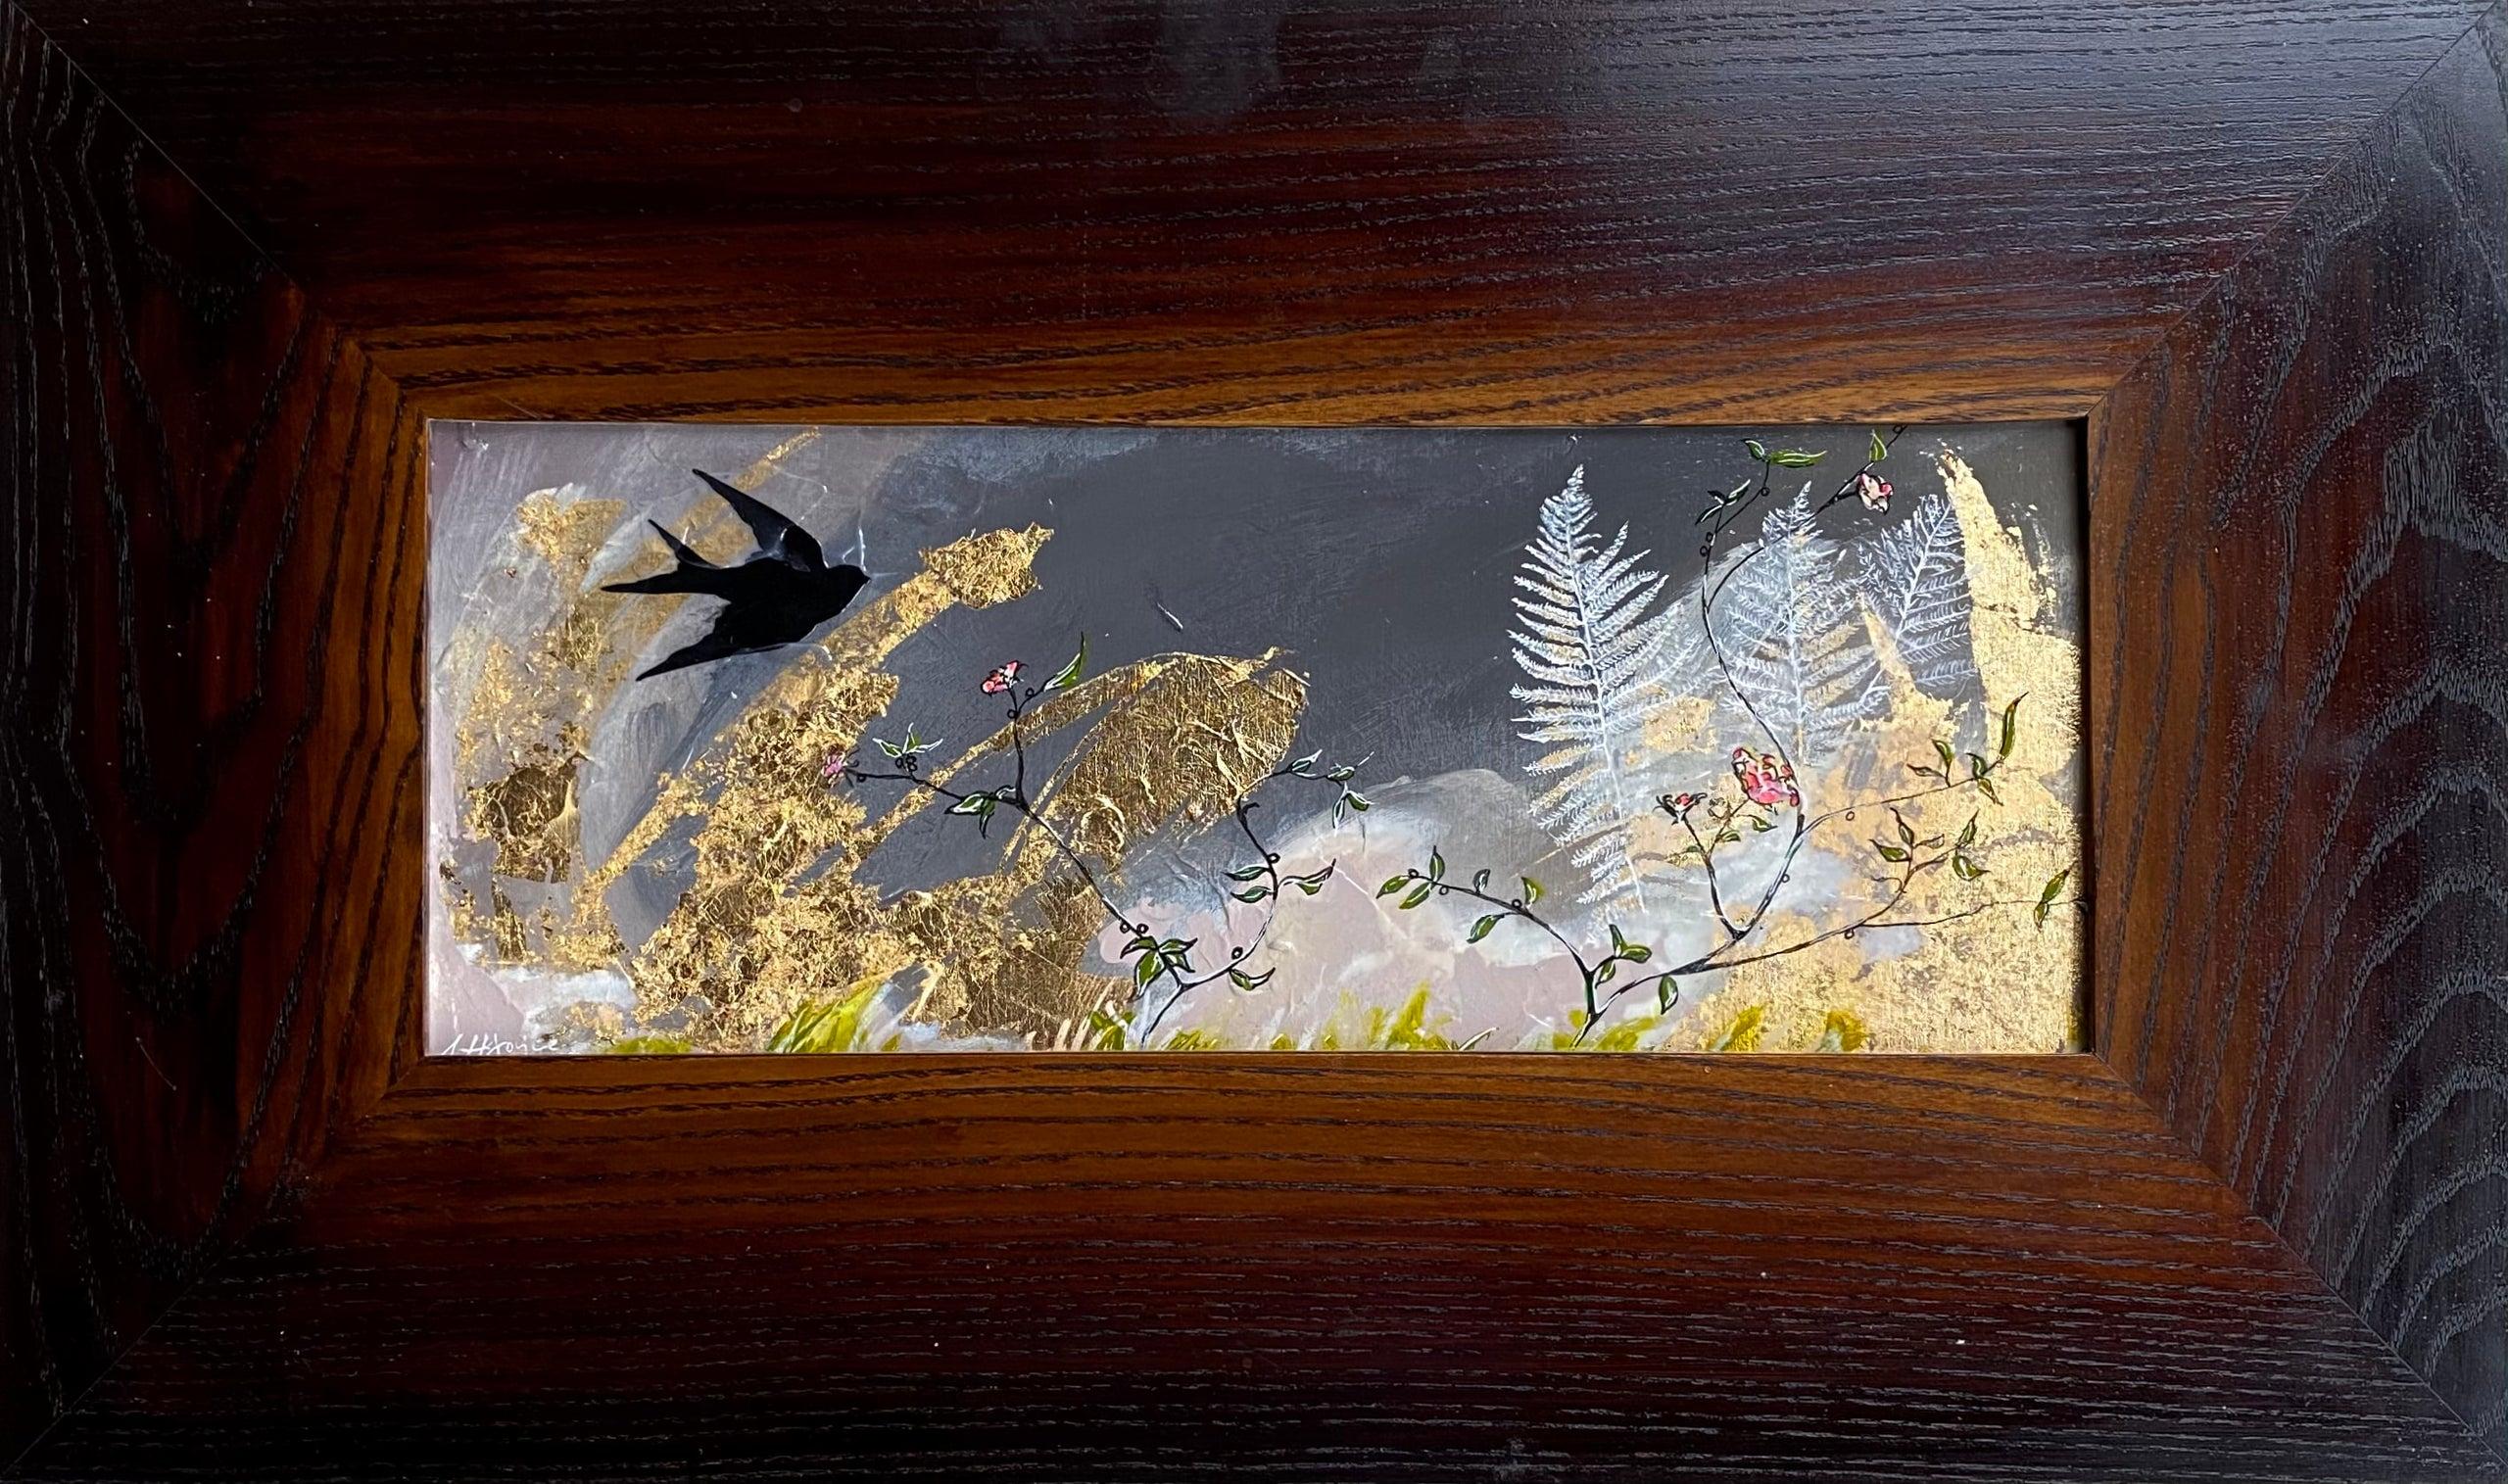 Drifter painting (alt. view 2)